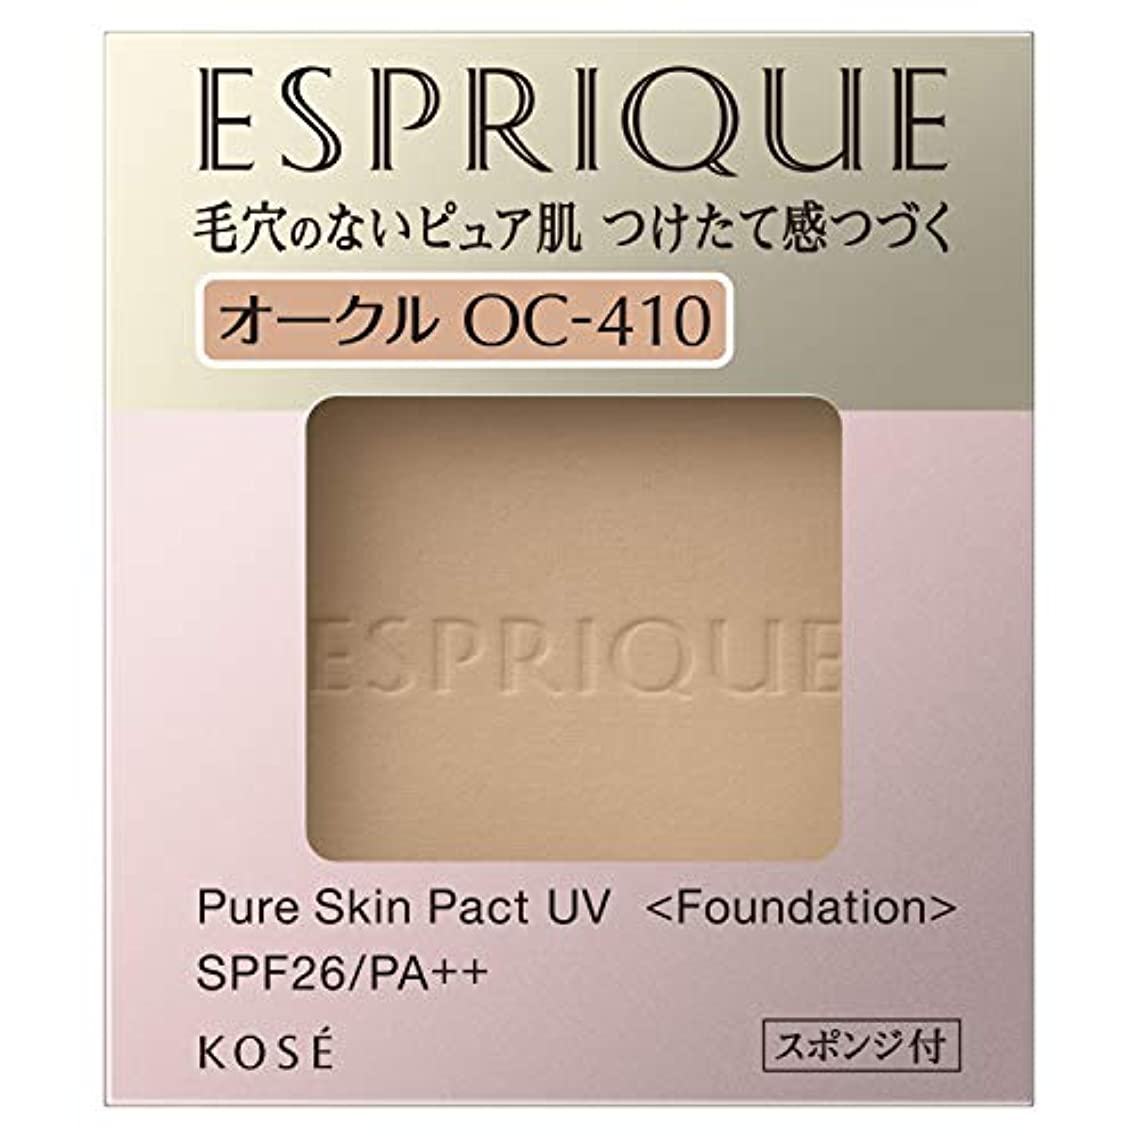 きらめく完璧な知人エスプリーク ピュアスキン パクト UV OC-410 オークル 9.3g